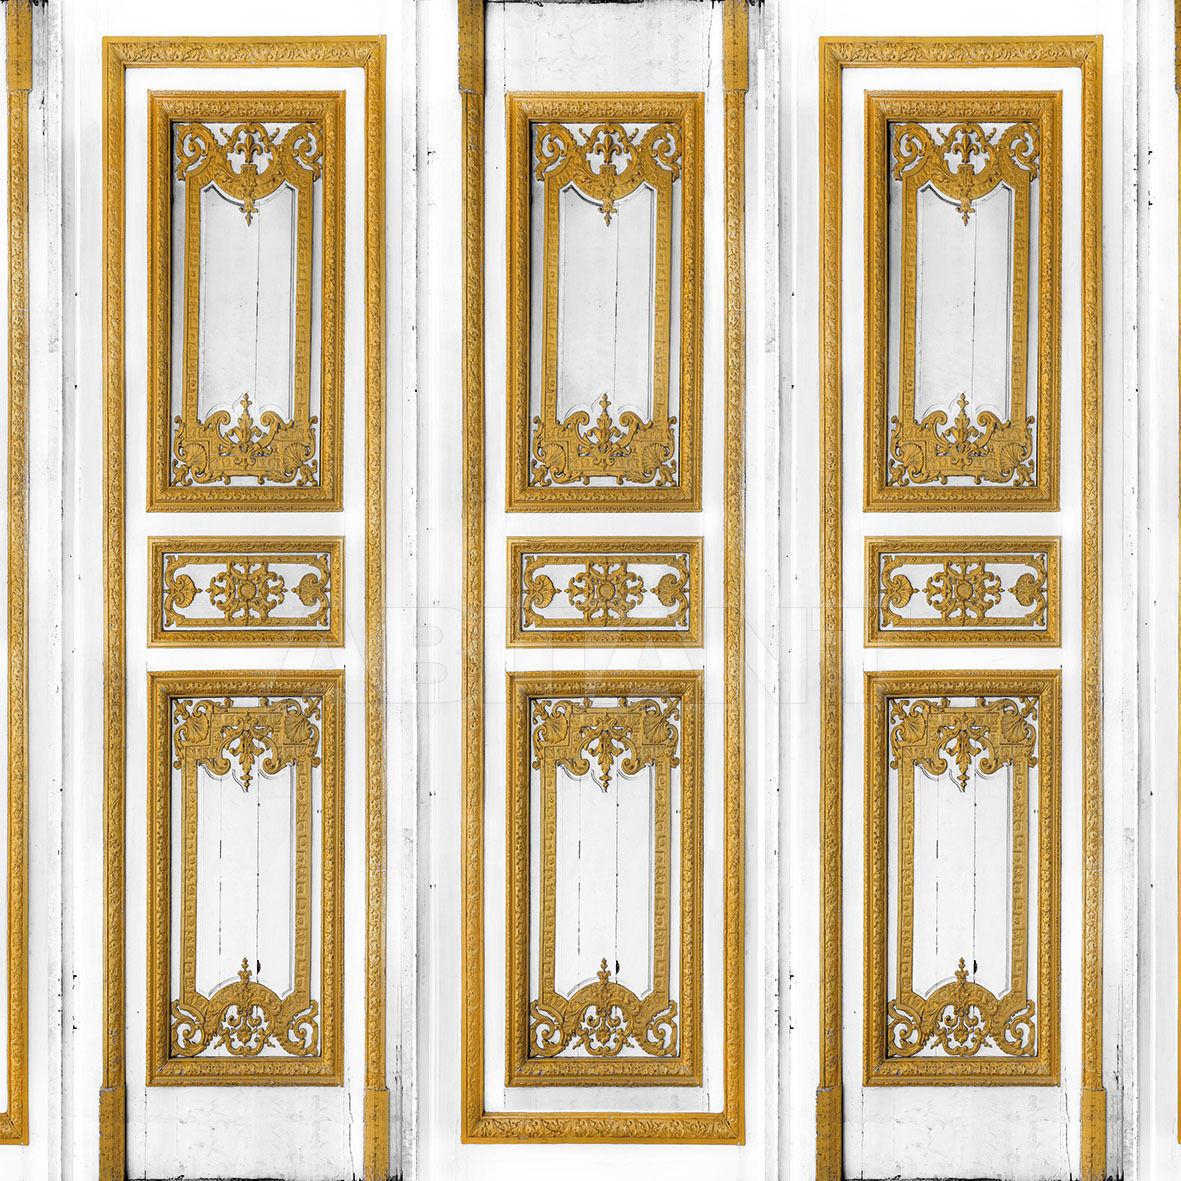 Купить Бумажные обои LORDS OF DOGTOWN LondonArt - Grafika S.r.l.  Eterea 15  15151 1